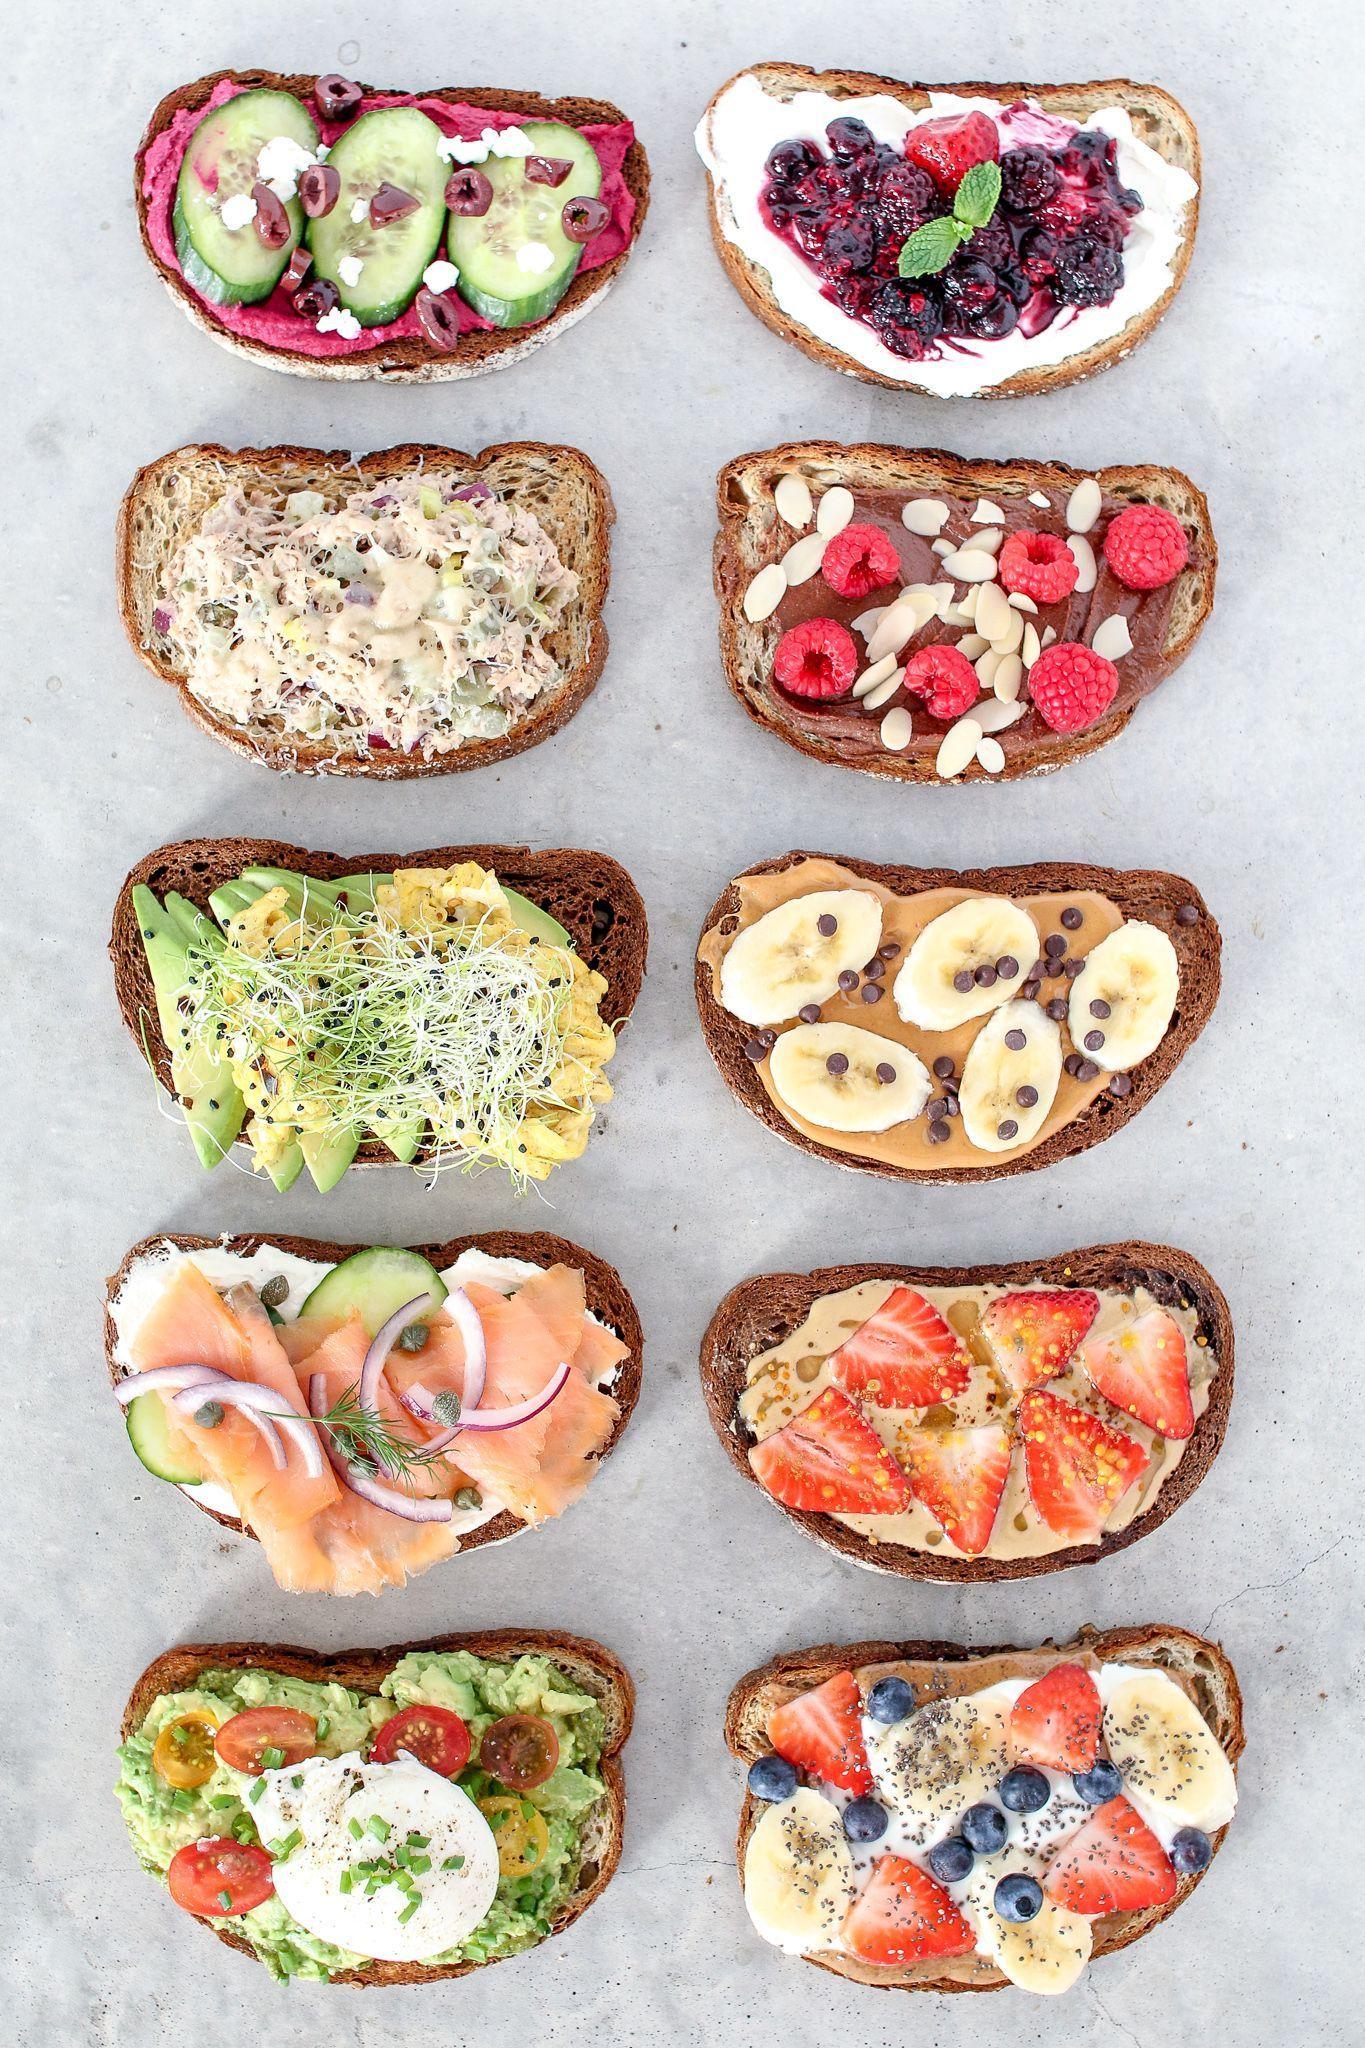 10 Gesunde Und Einfache Toastkreationen Von Avocado Bis New Yorker Stil Spor Avocad In 2020 Easy Healthy Breakfast Healthy Toast Recipes Easy Toast